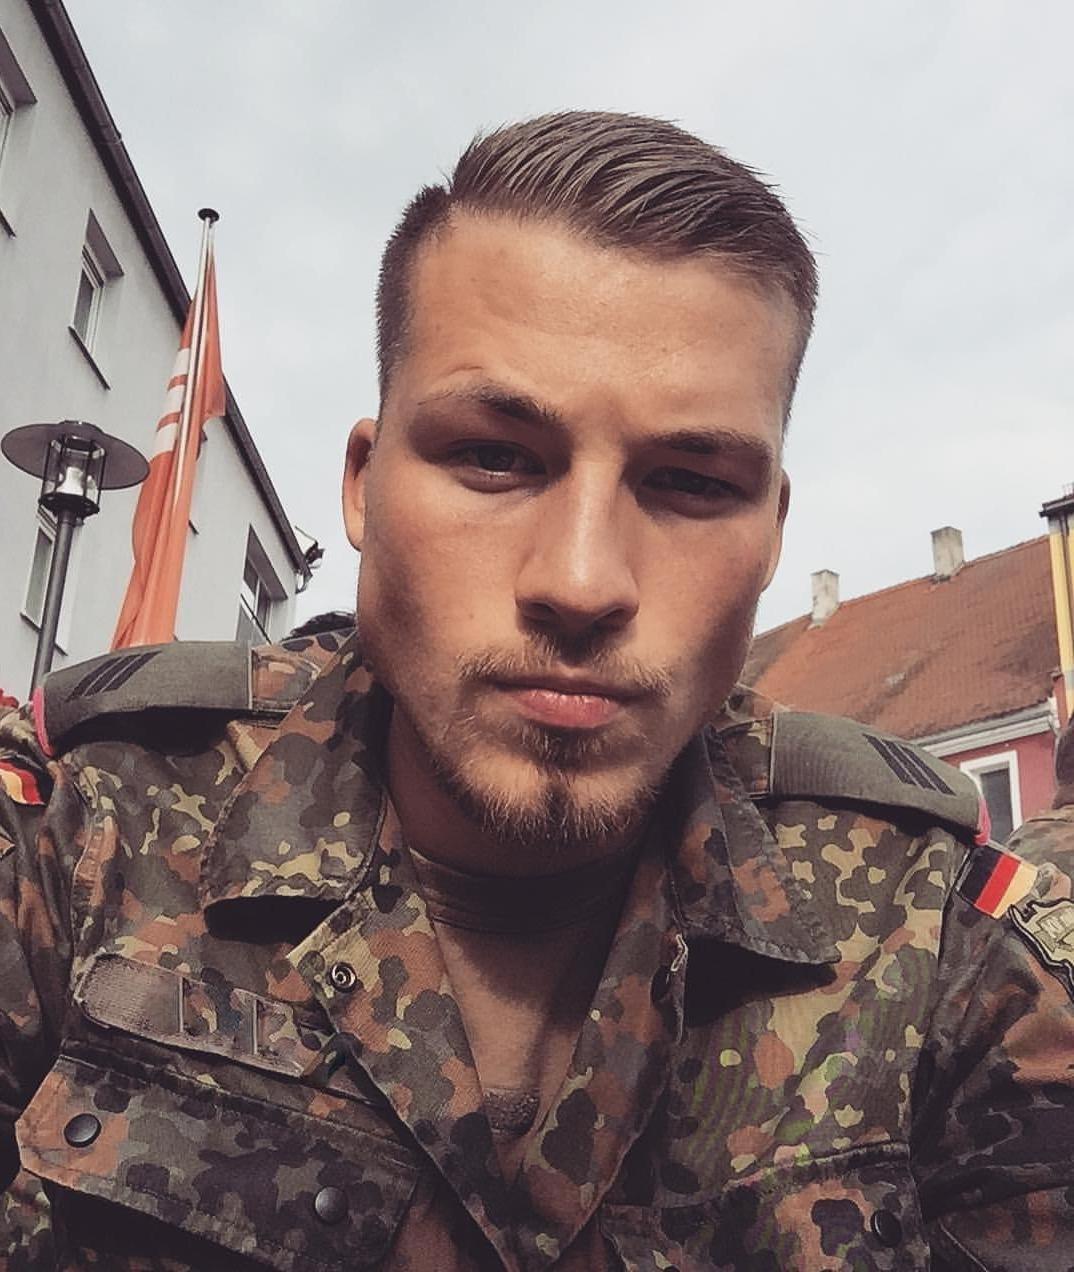 handsome-german-uniformed-military-soldier-great-hair-bearded-hunk-selfie